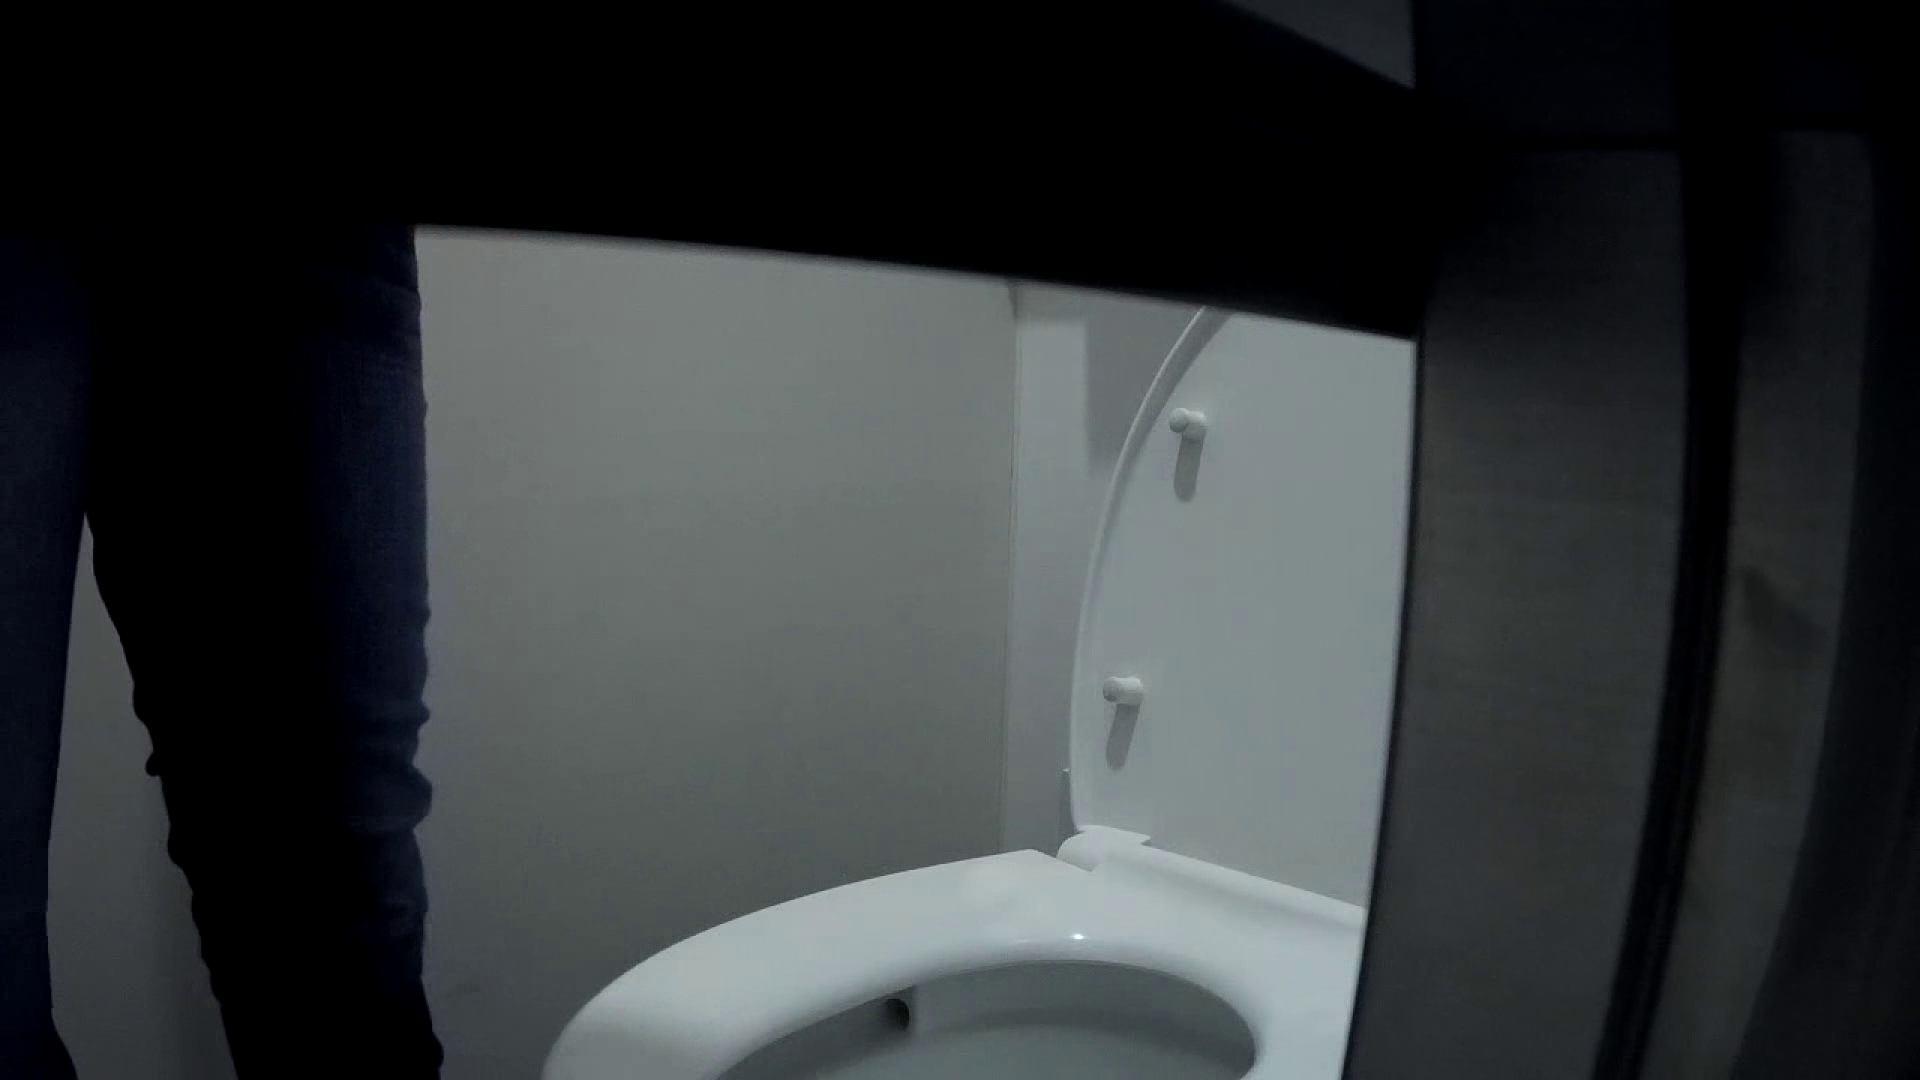 有名大学女性洗面所 vol.39 スッゴクド派手な勝負パンツ!1名+7名 お姉さんのSEX セックス画像 84枚 44